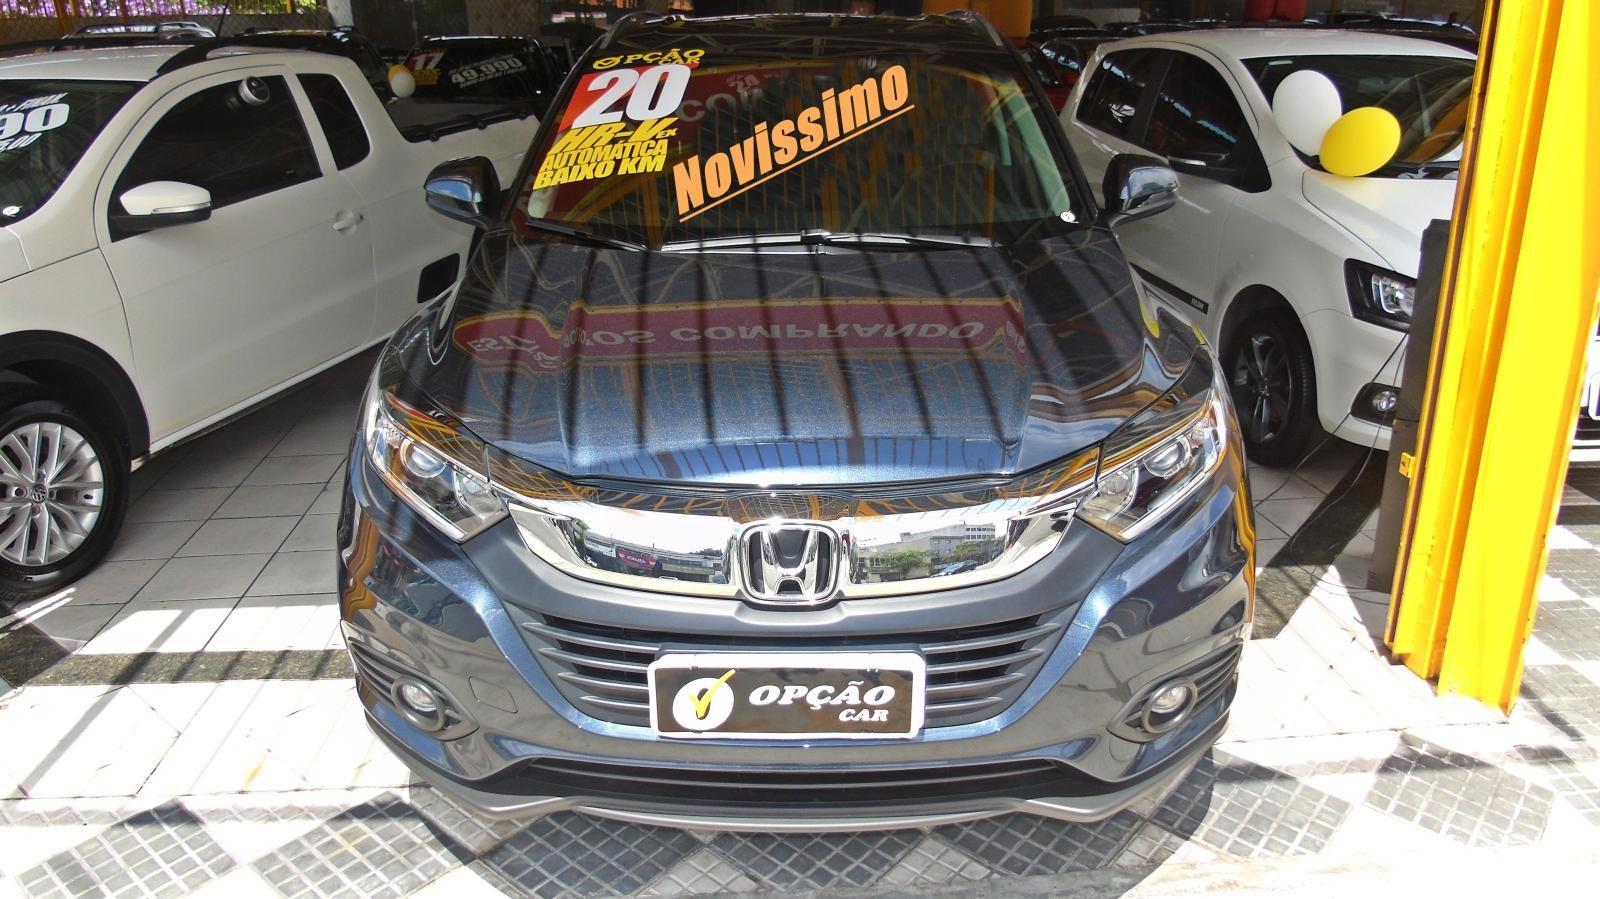 //www.autoline.com.br/carro/honda/hr-v-18-ex-16v-flex-4p-cvt/2020/sao-paulo-sp/14302215